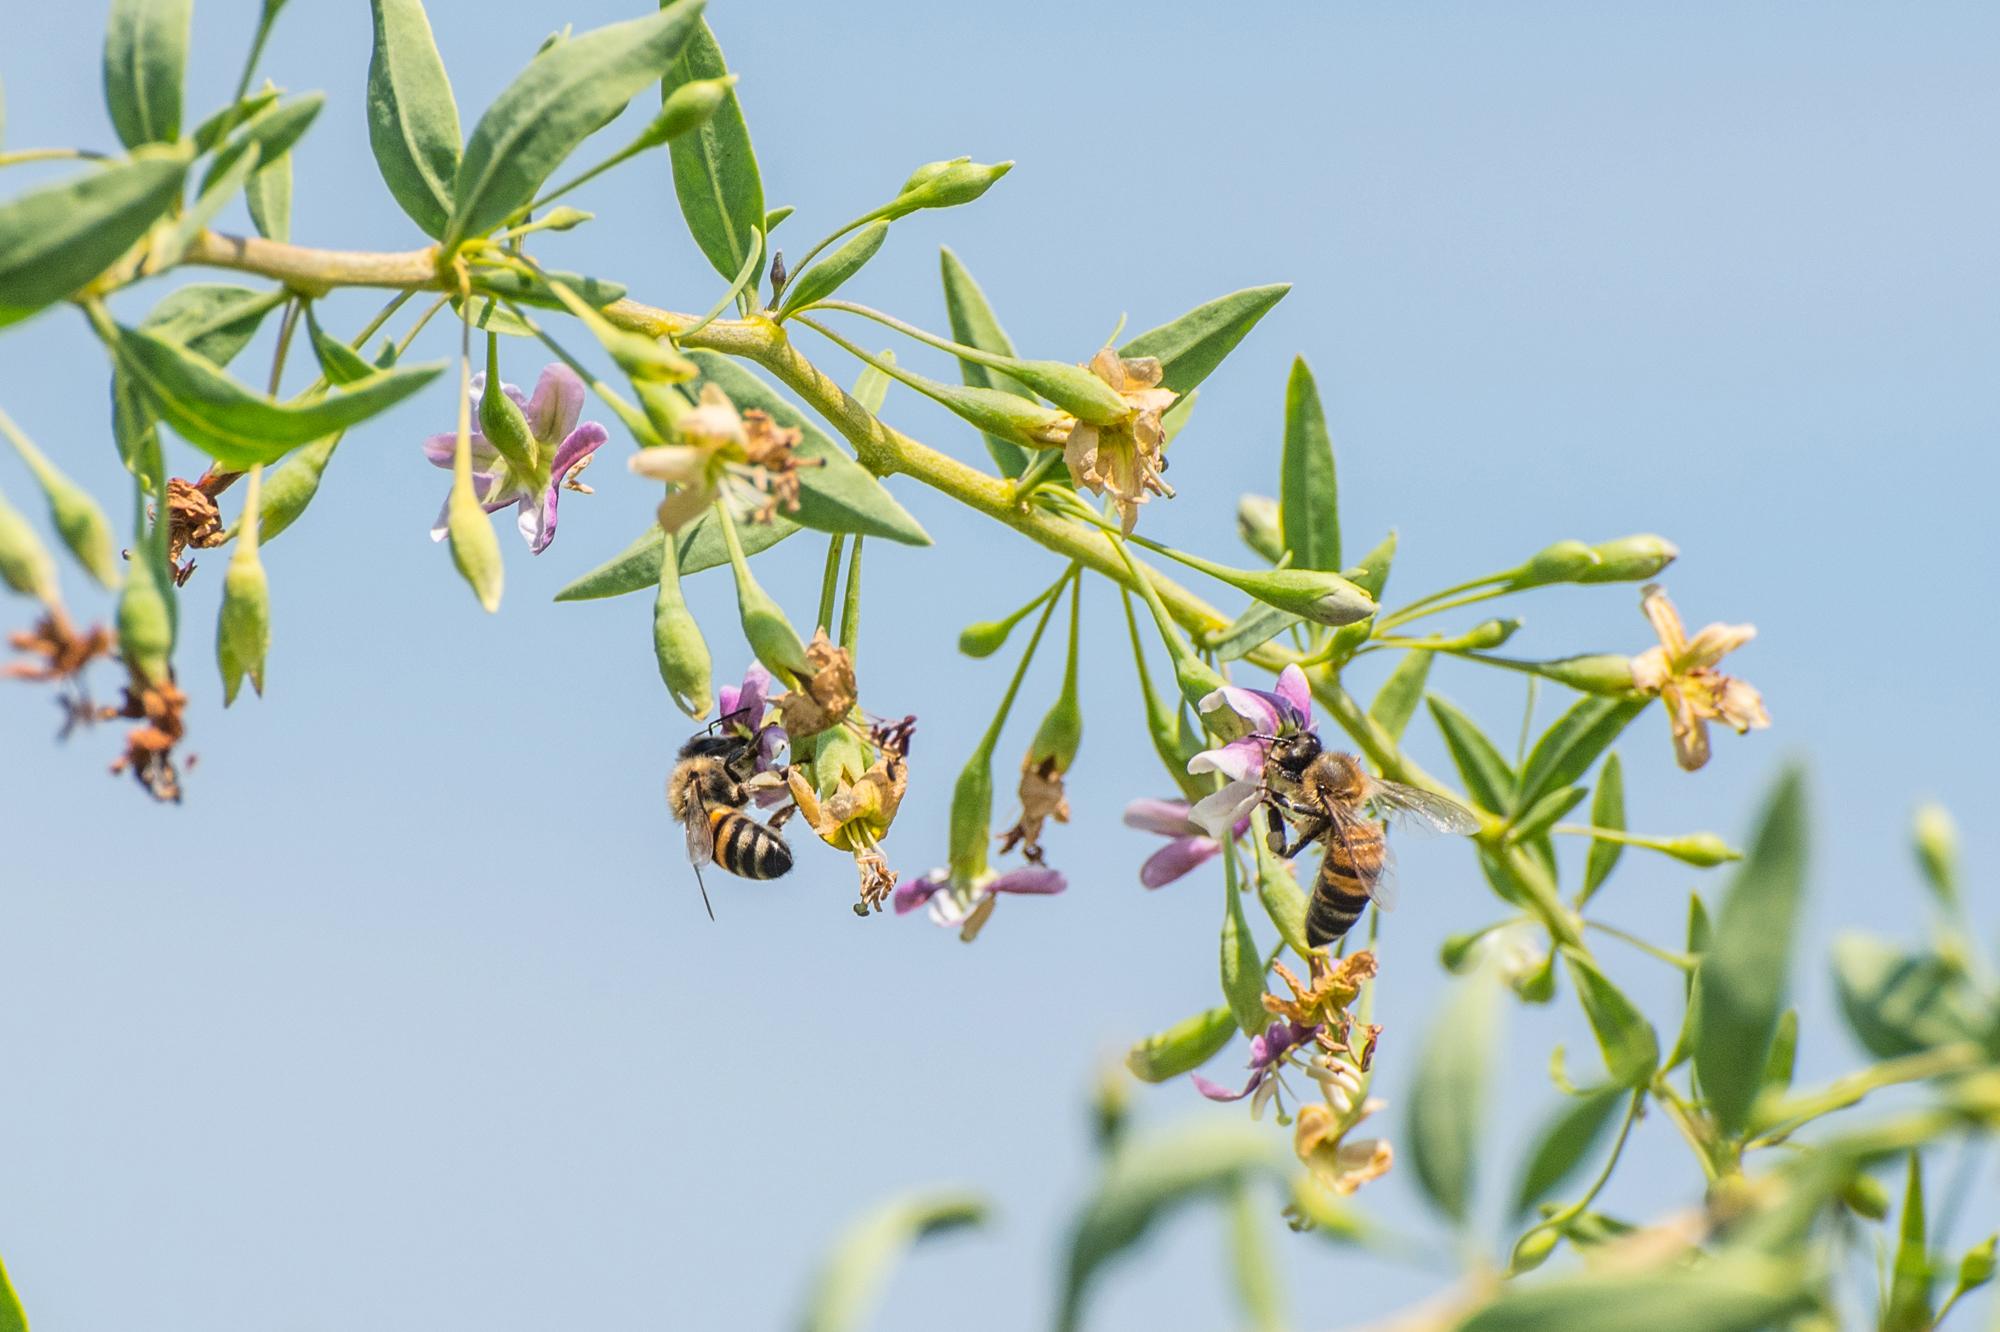 0ffcf0ee2a Un'agricoltura sostenibile non può che promuovere la presenza di api sui  propri suoli, preziose impollinatrici naturali dei fiori che contribuiscono  a ...